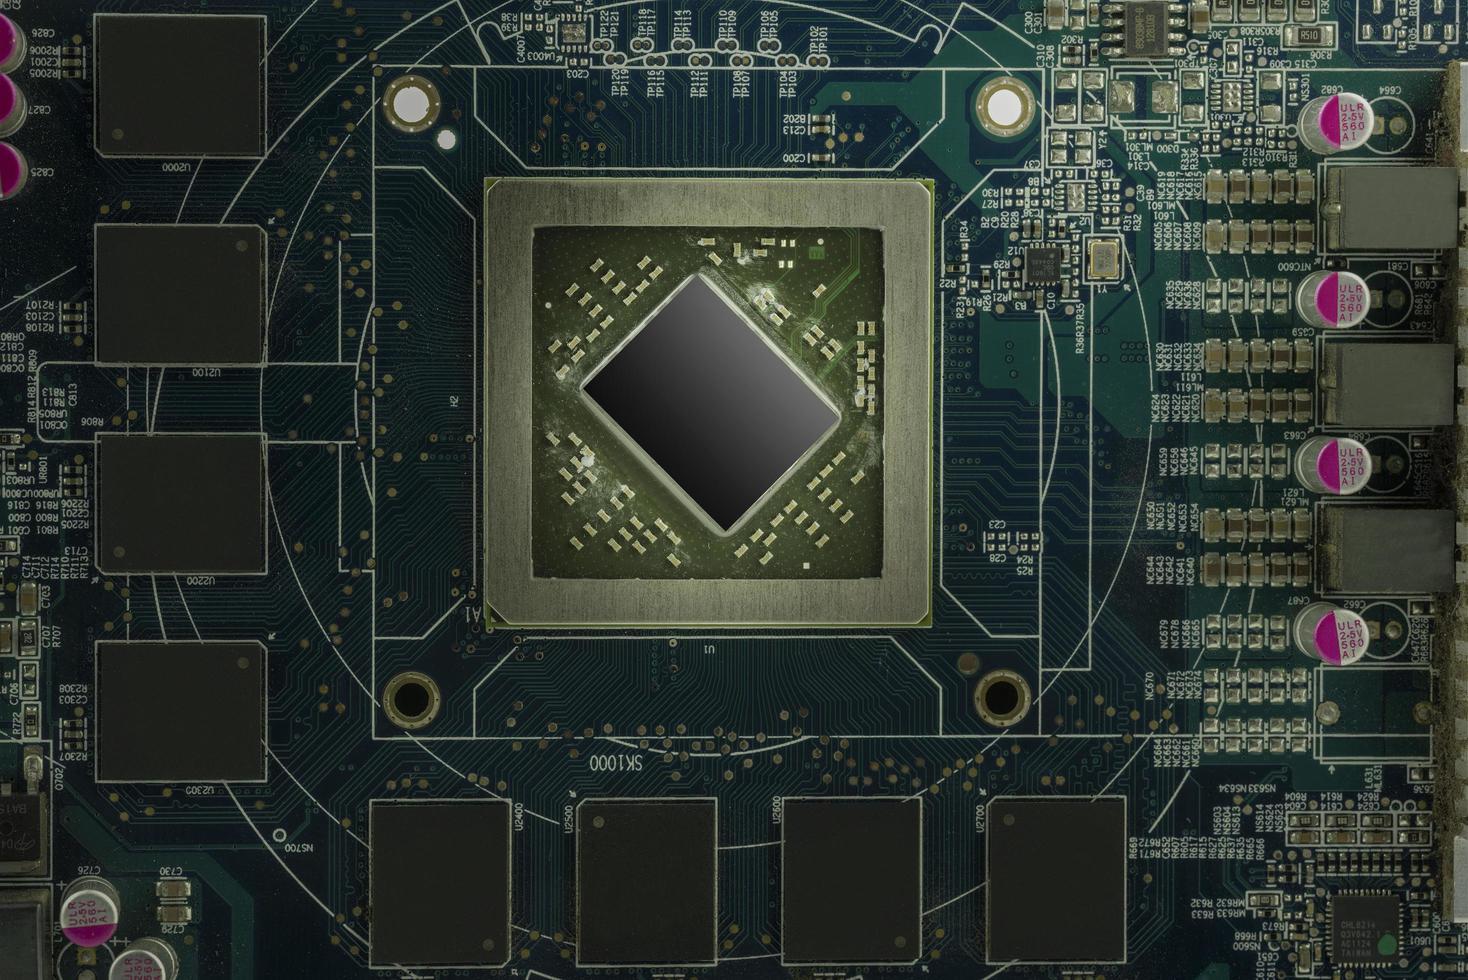 elektronische printplaat met processor foto